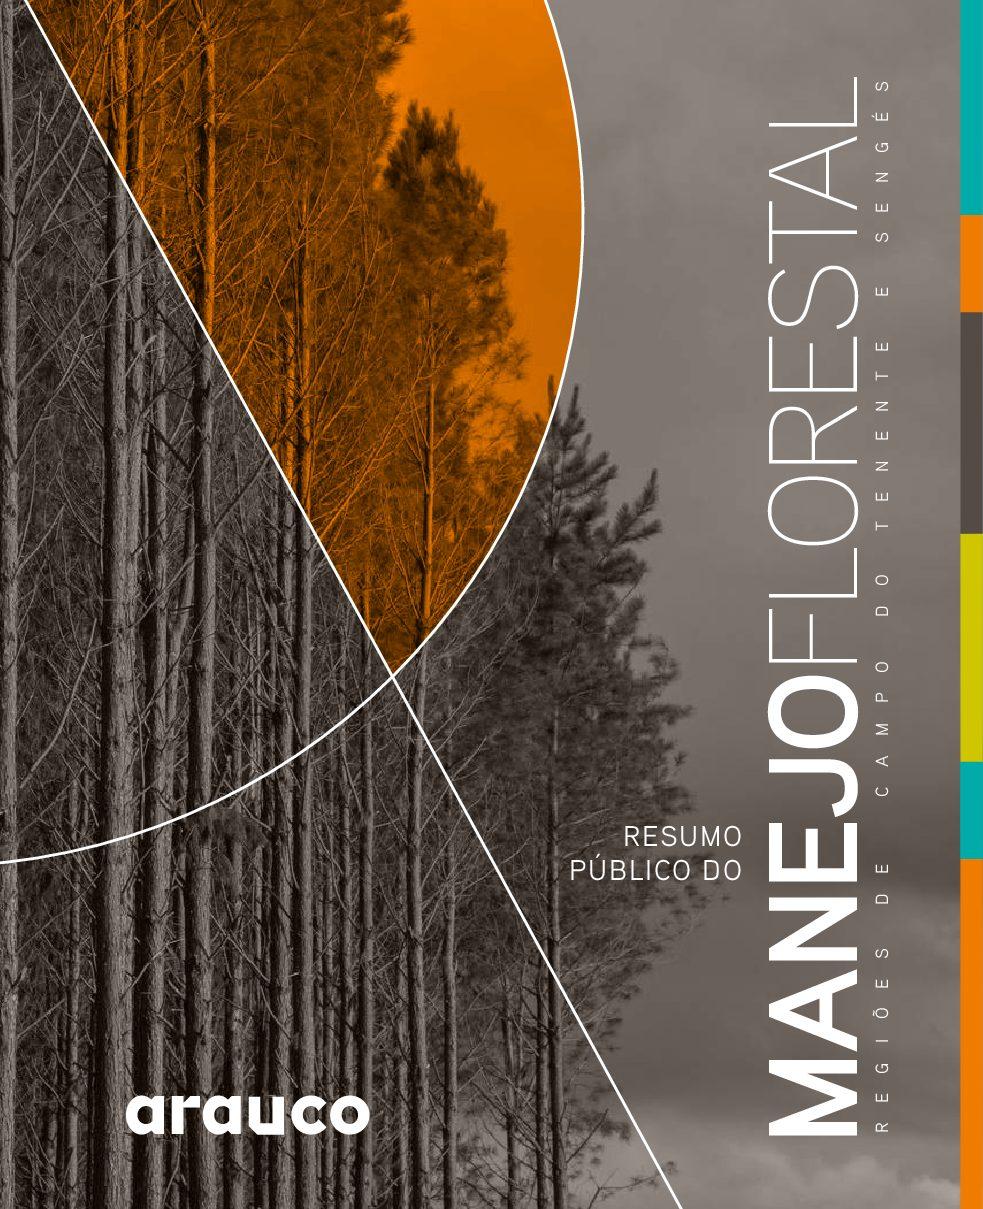 Resumo Manejo Florestal AFB - Regiões de Campo do Tenente e Sengés